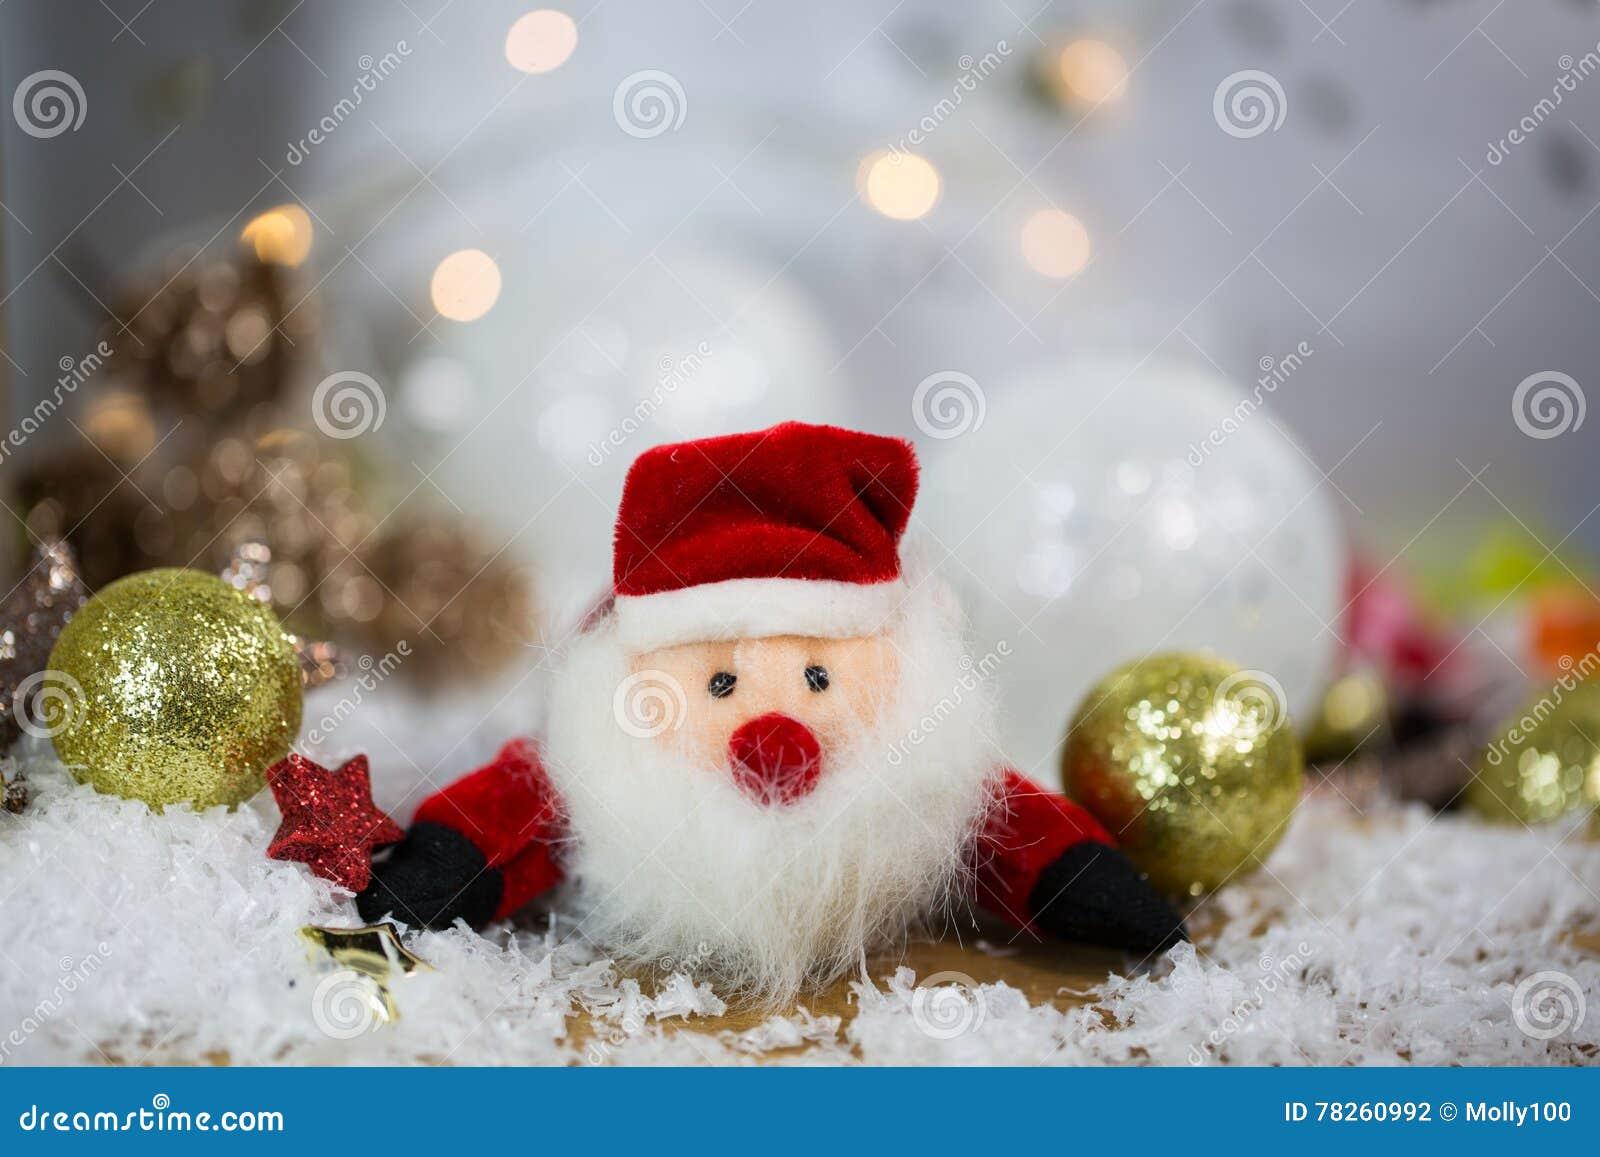 Άγιος Βασίλης με τις σφαίρες και το χιόνι χριστουγεννιάτικων δέντρων